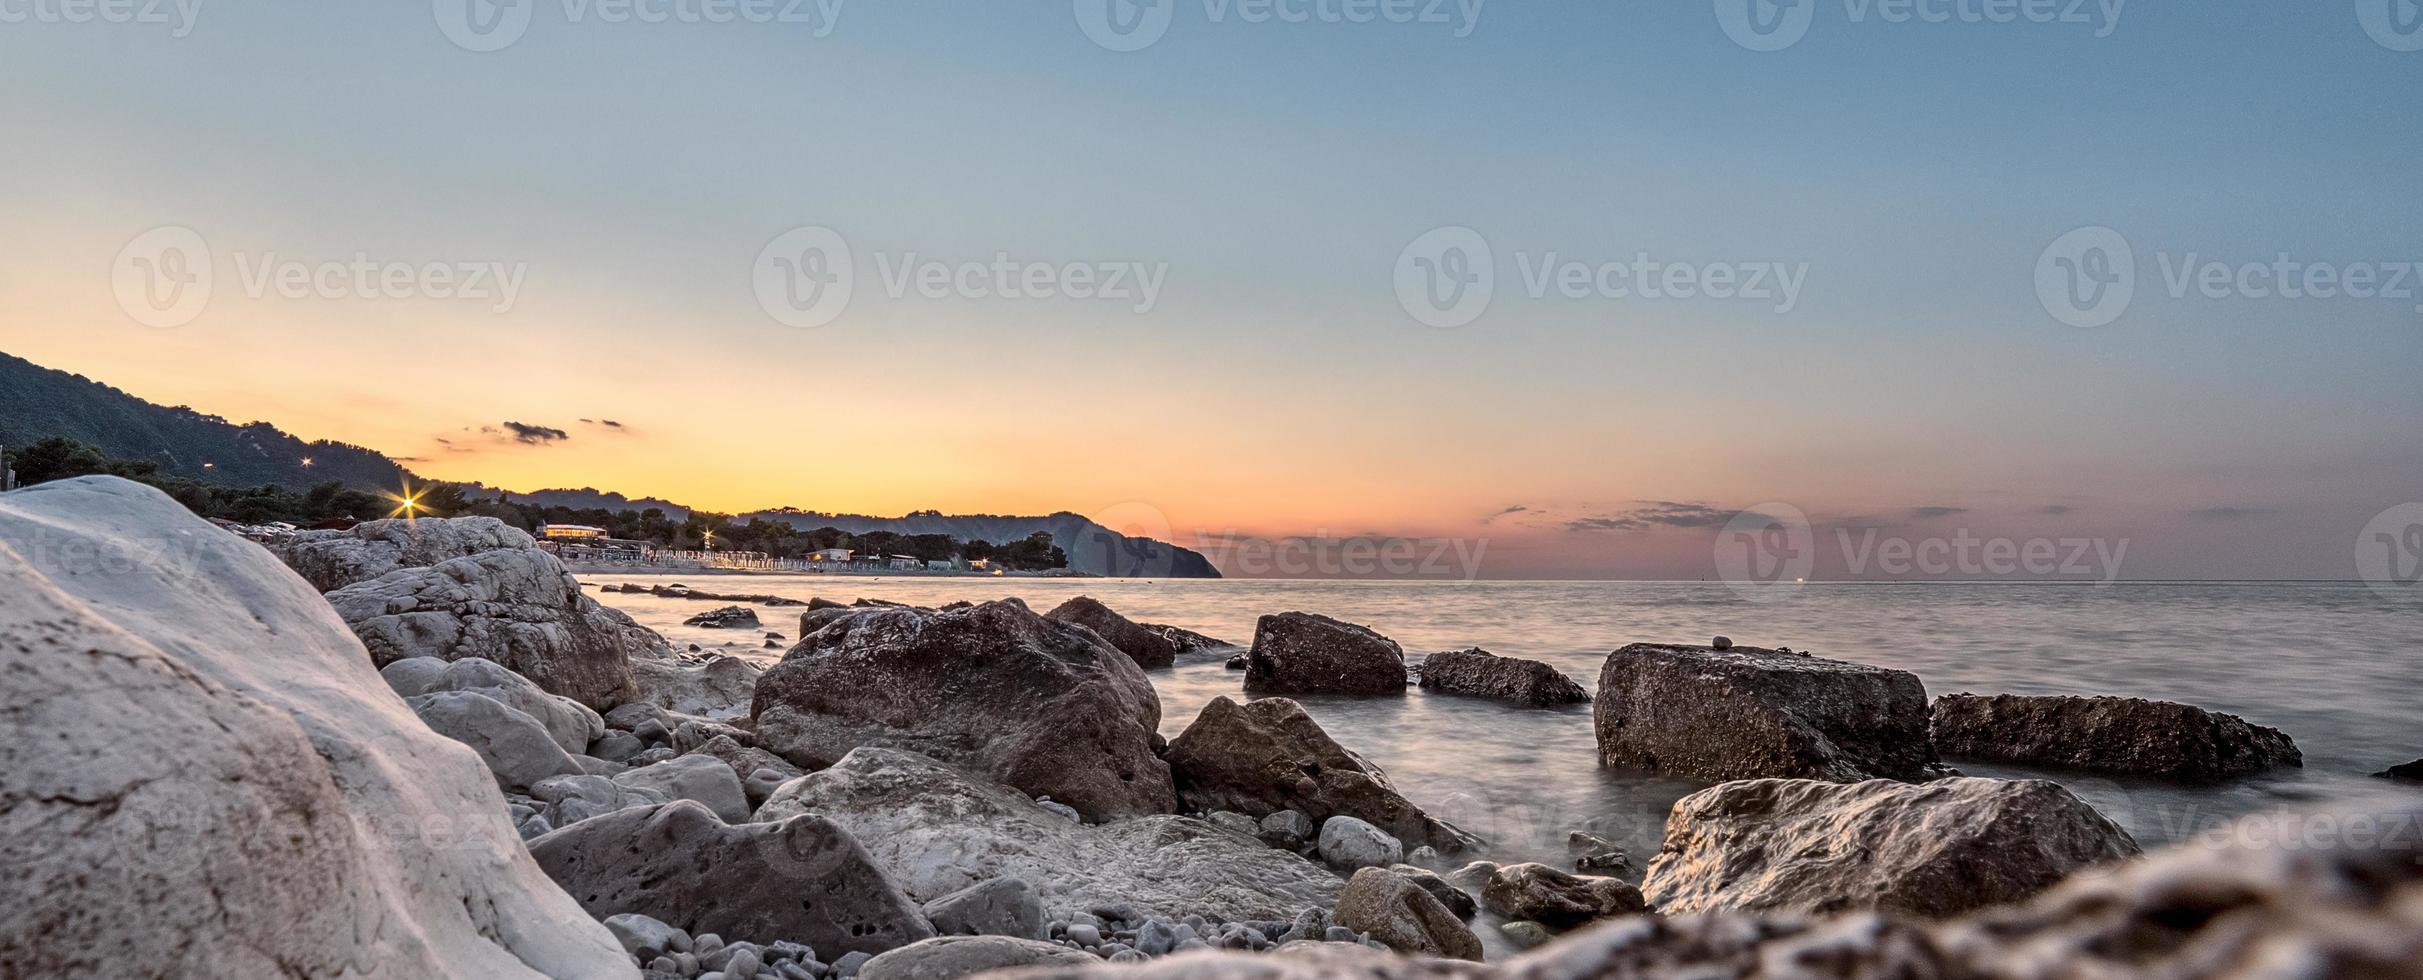 Sonnenuntergang über Meer und Felsen. foto